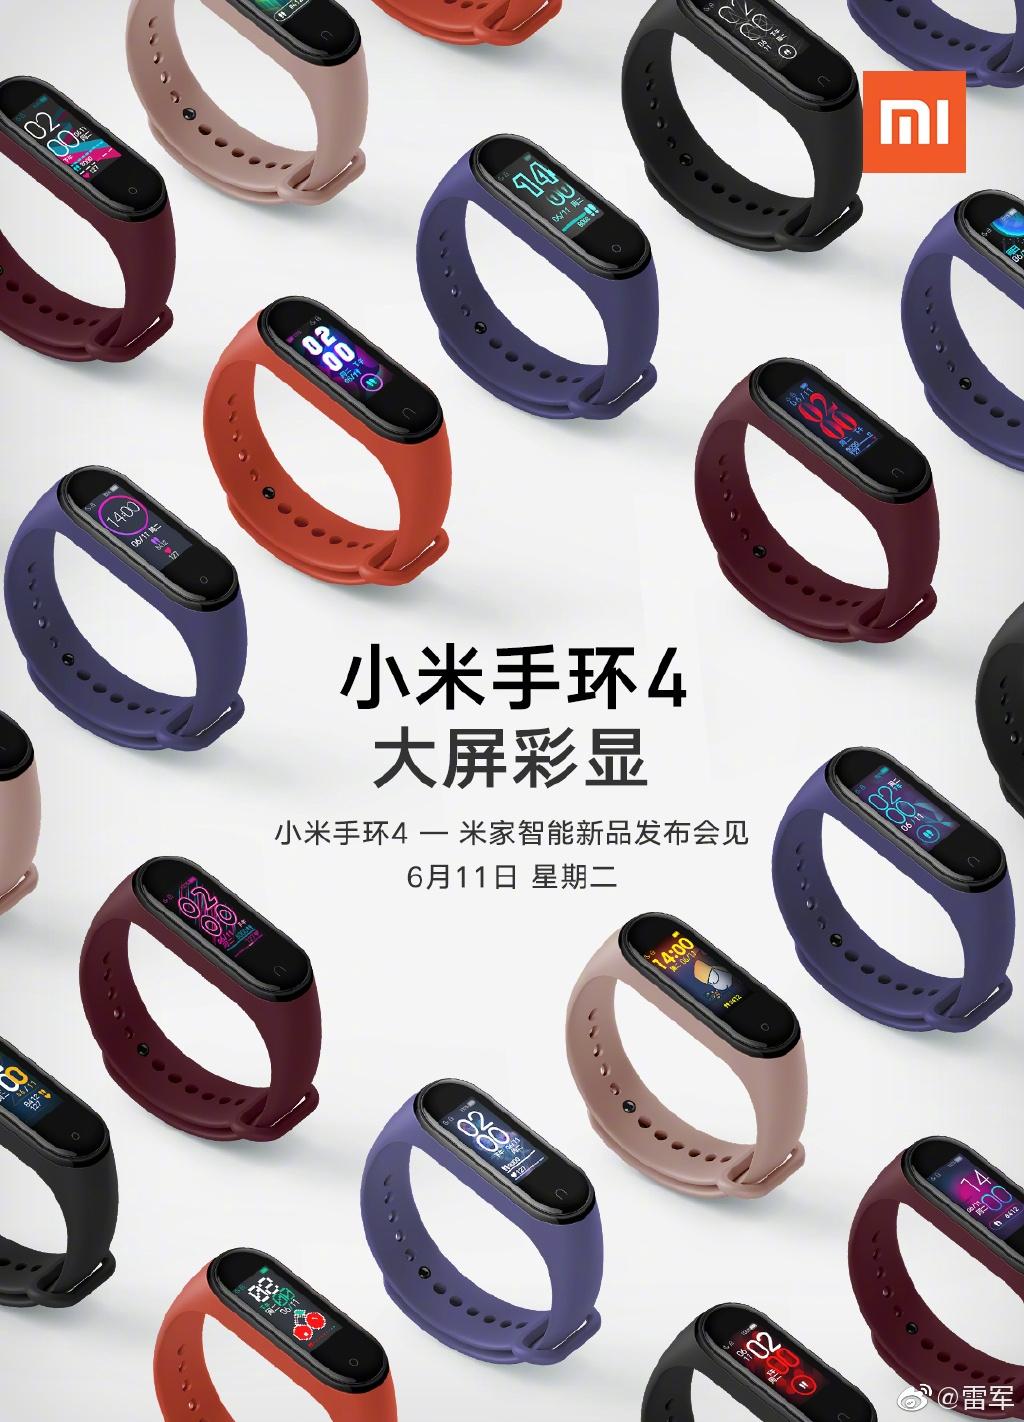 小米手环4售价曝光:6月11日发布 大升级图片